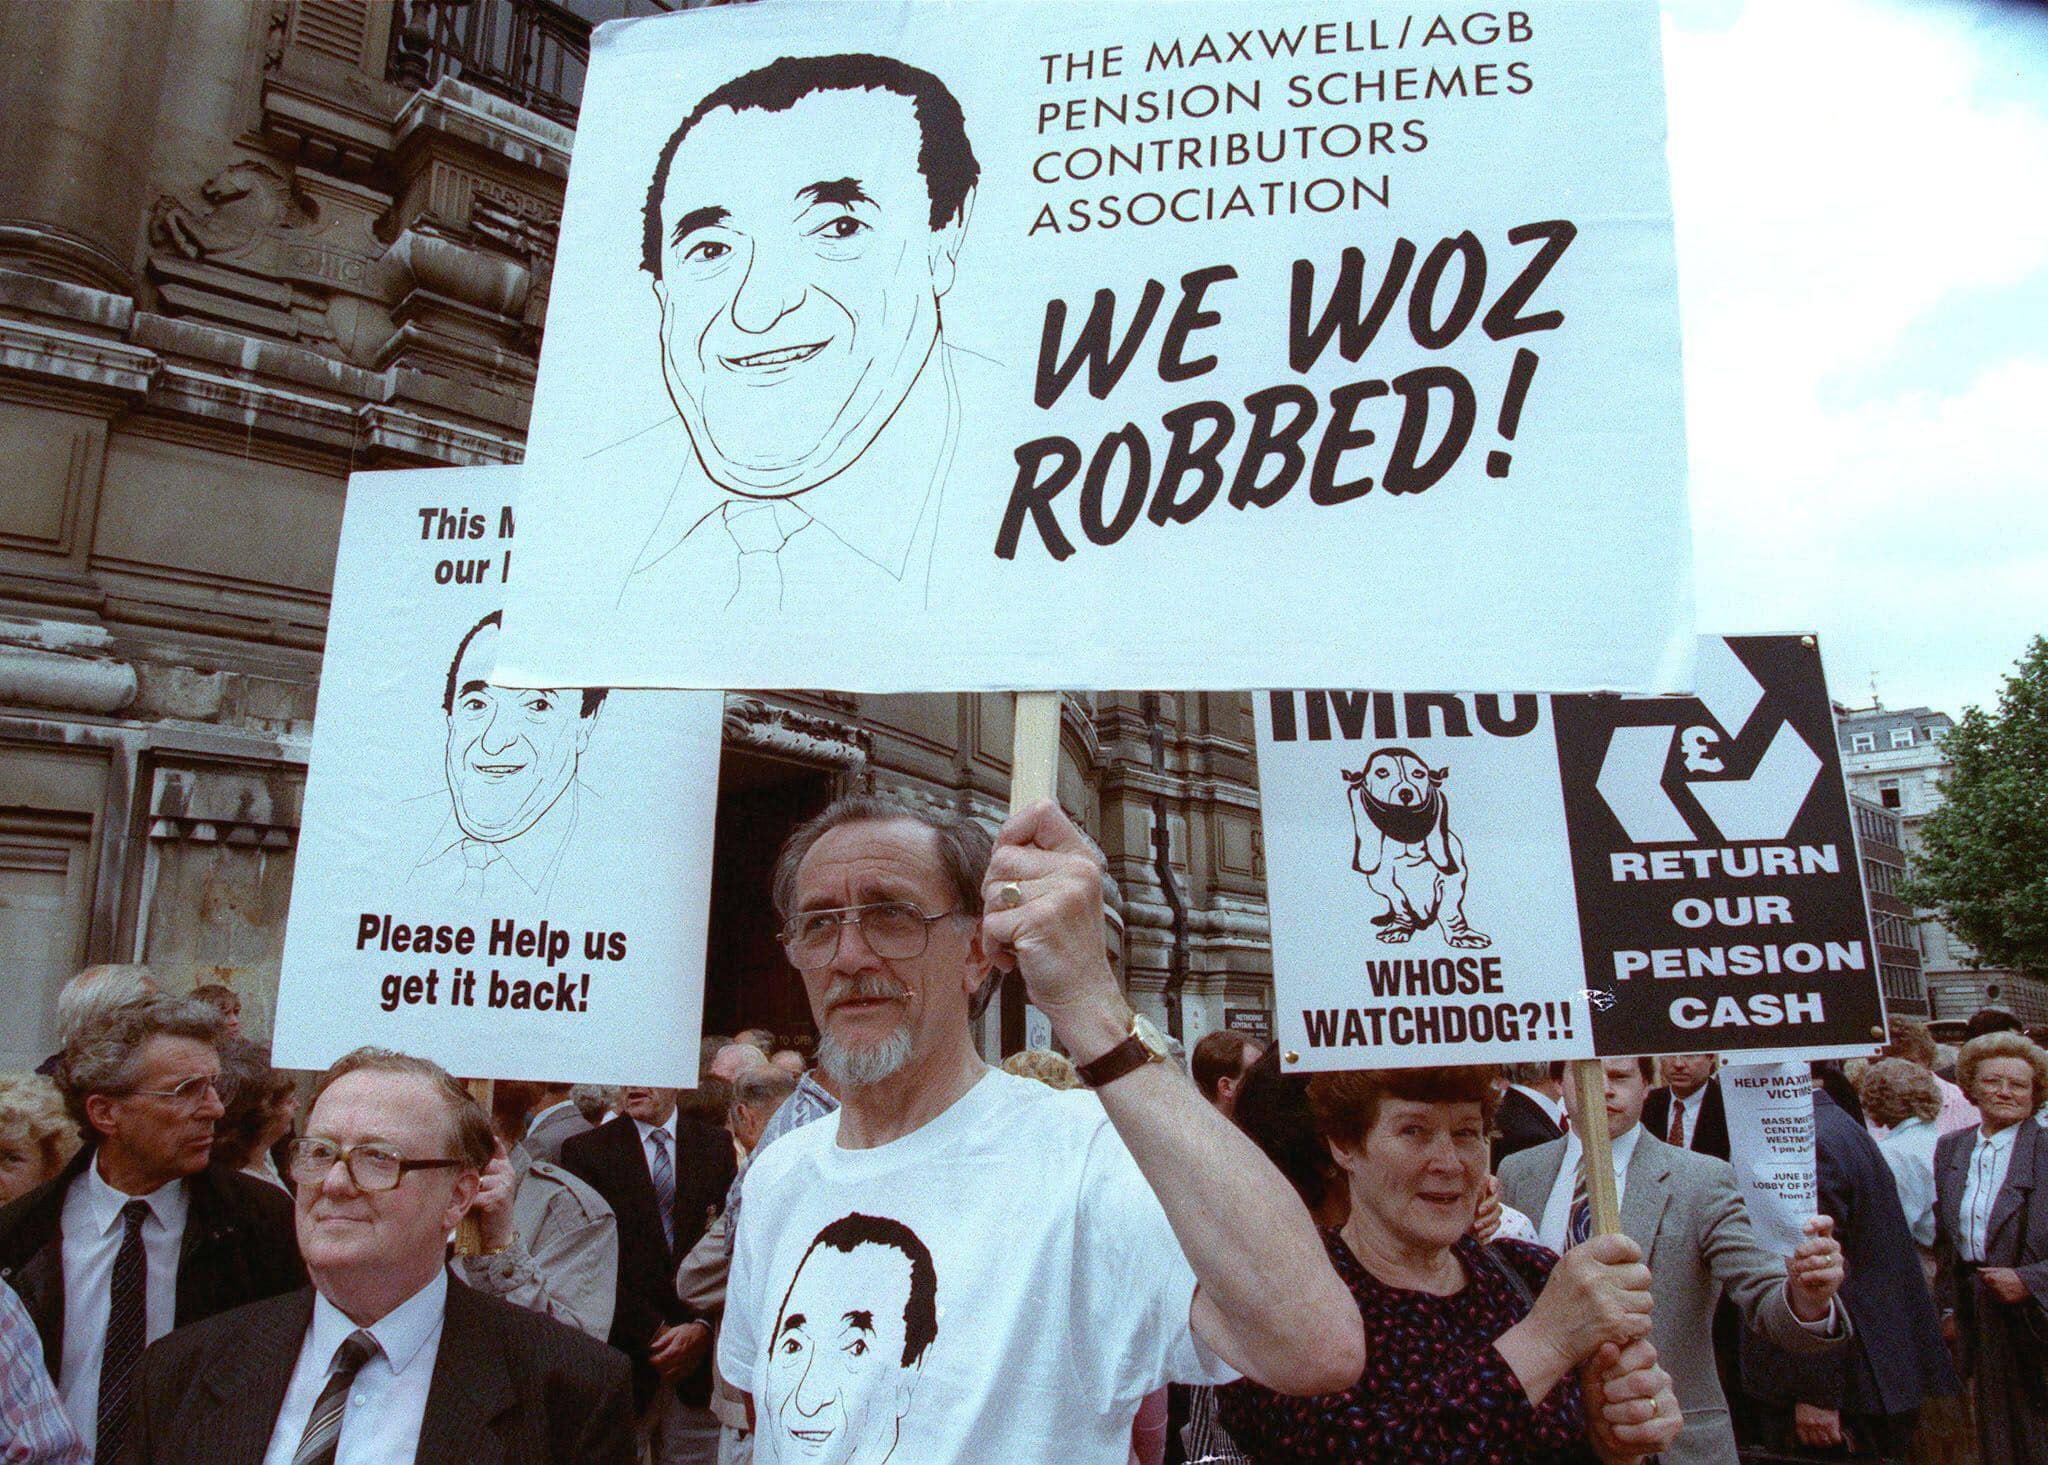 עובדי קבוצת המירור מפגינים מול הפרלמנט הבריטי ביוני 1992 (צילום: Reuters / Alamy)